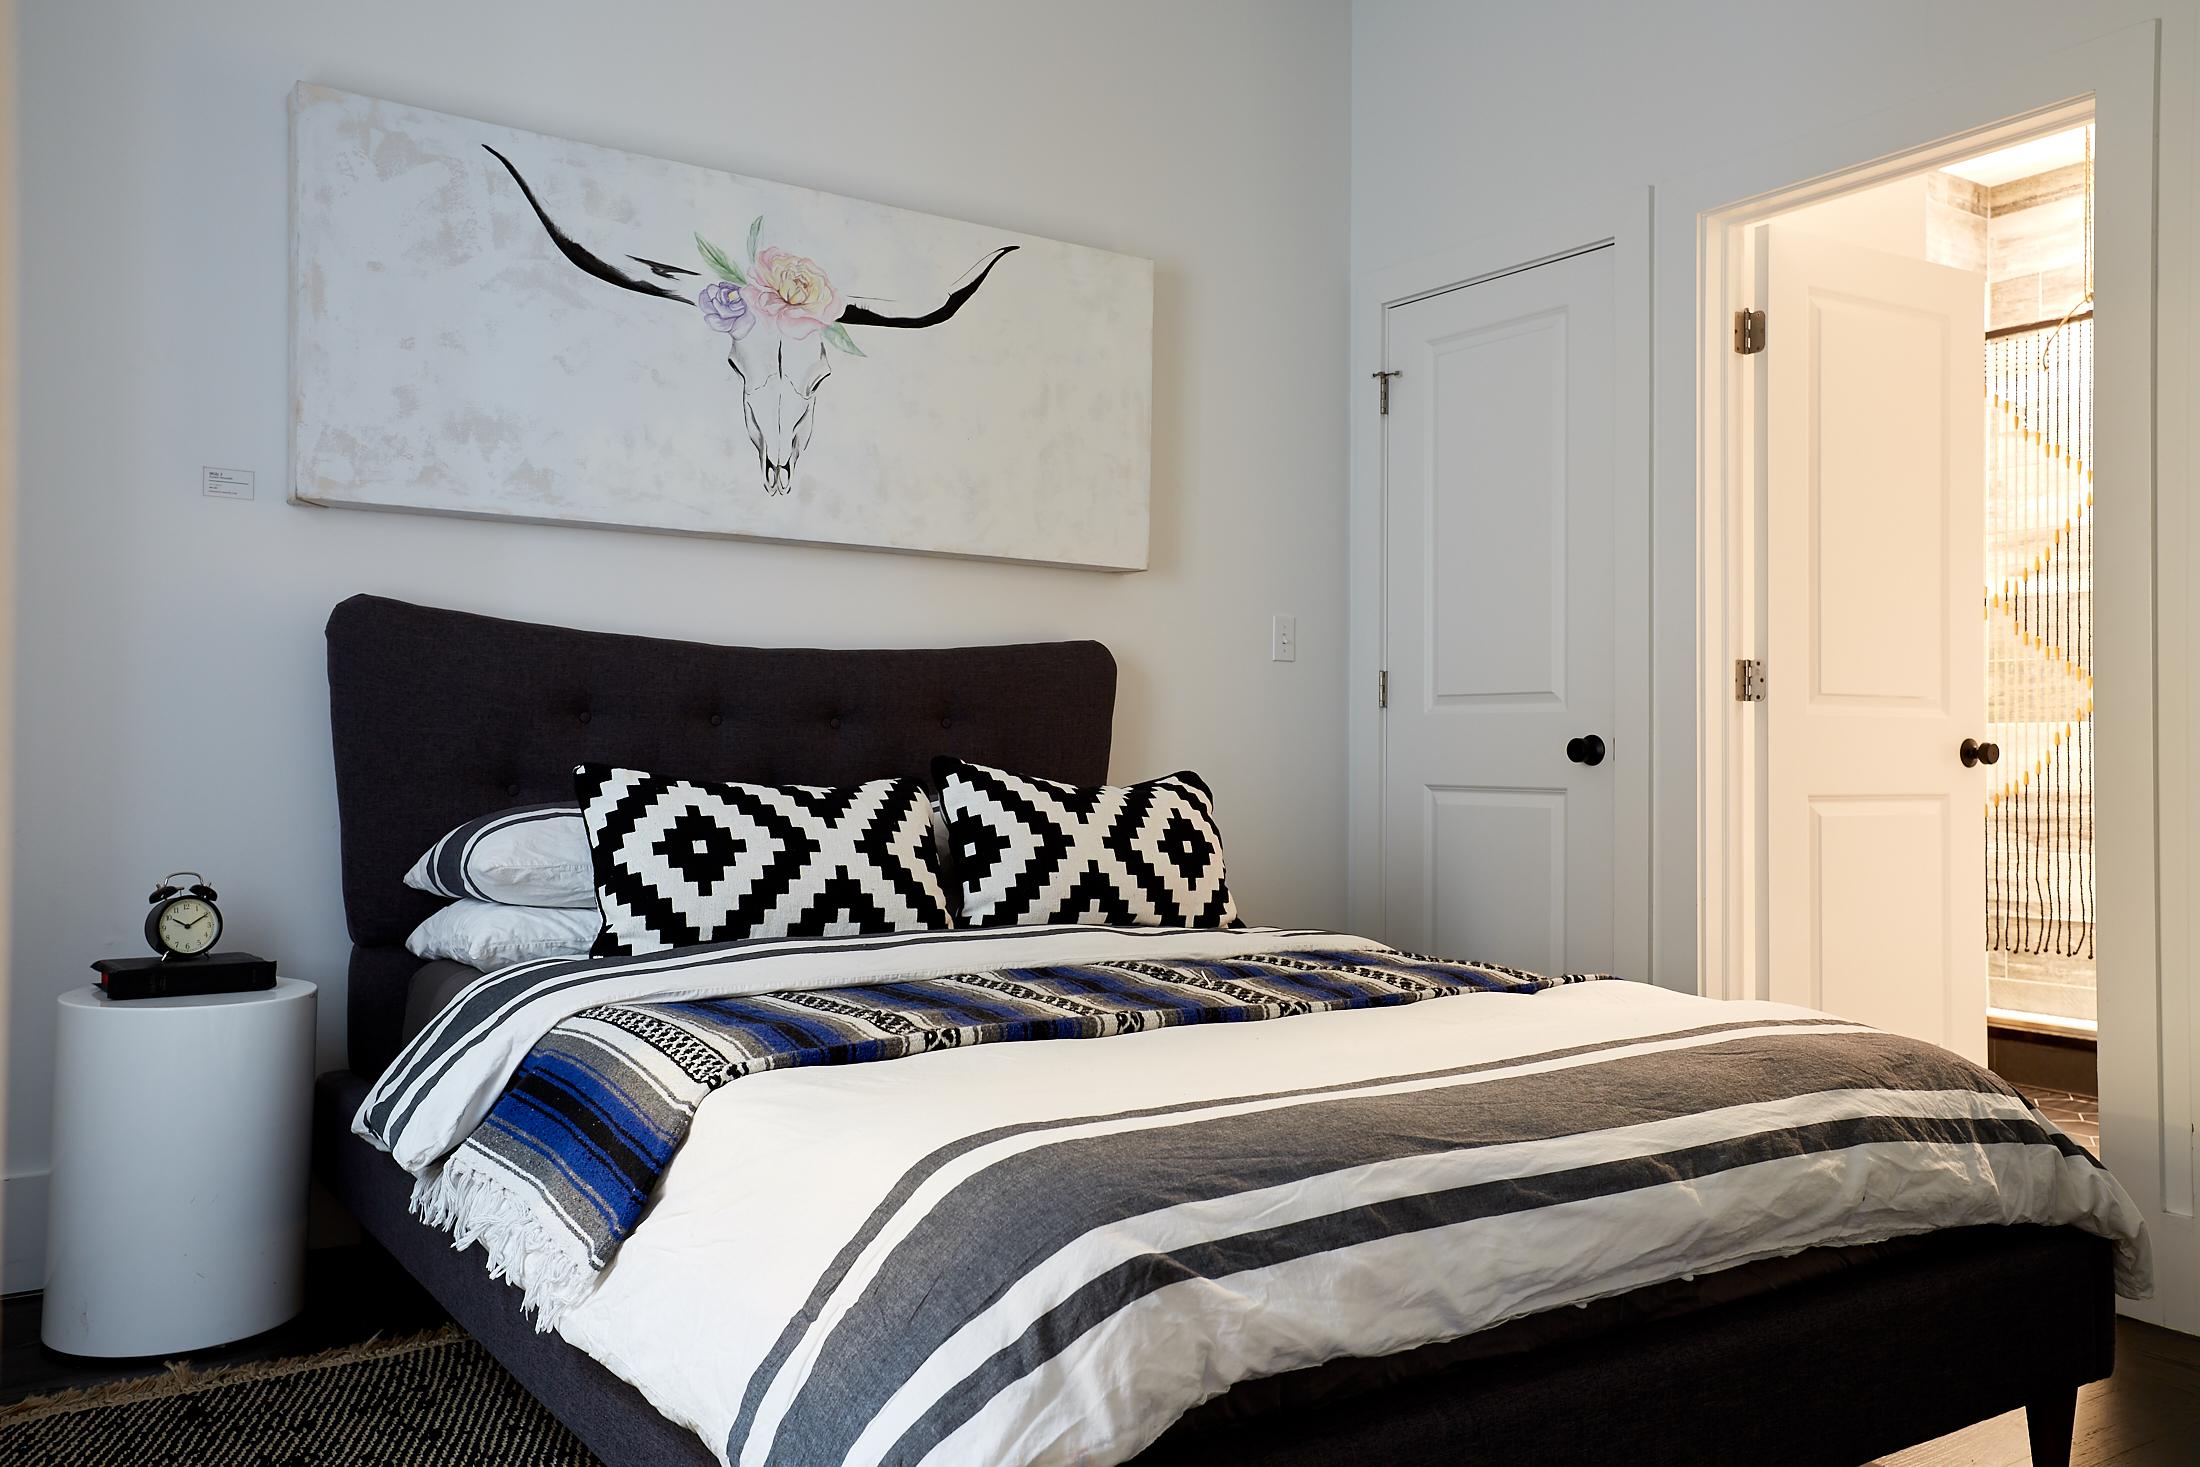 El_Motel_Bedroom_866.jpg